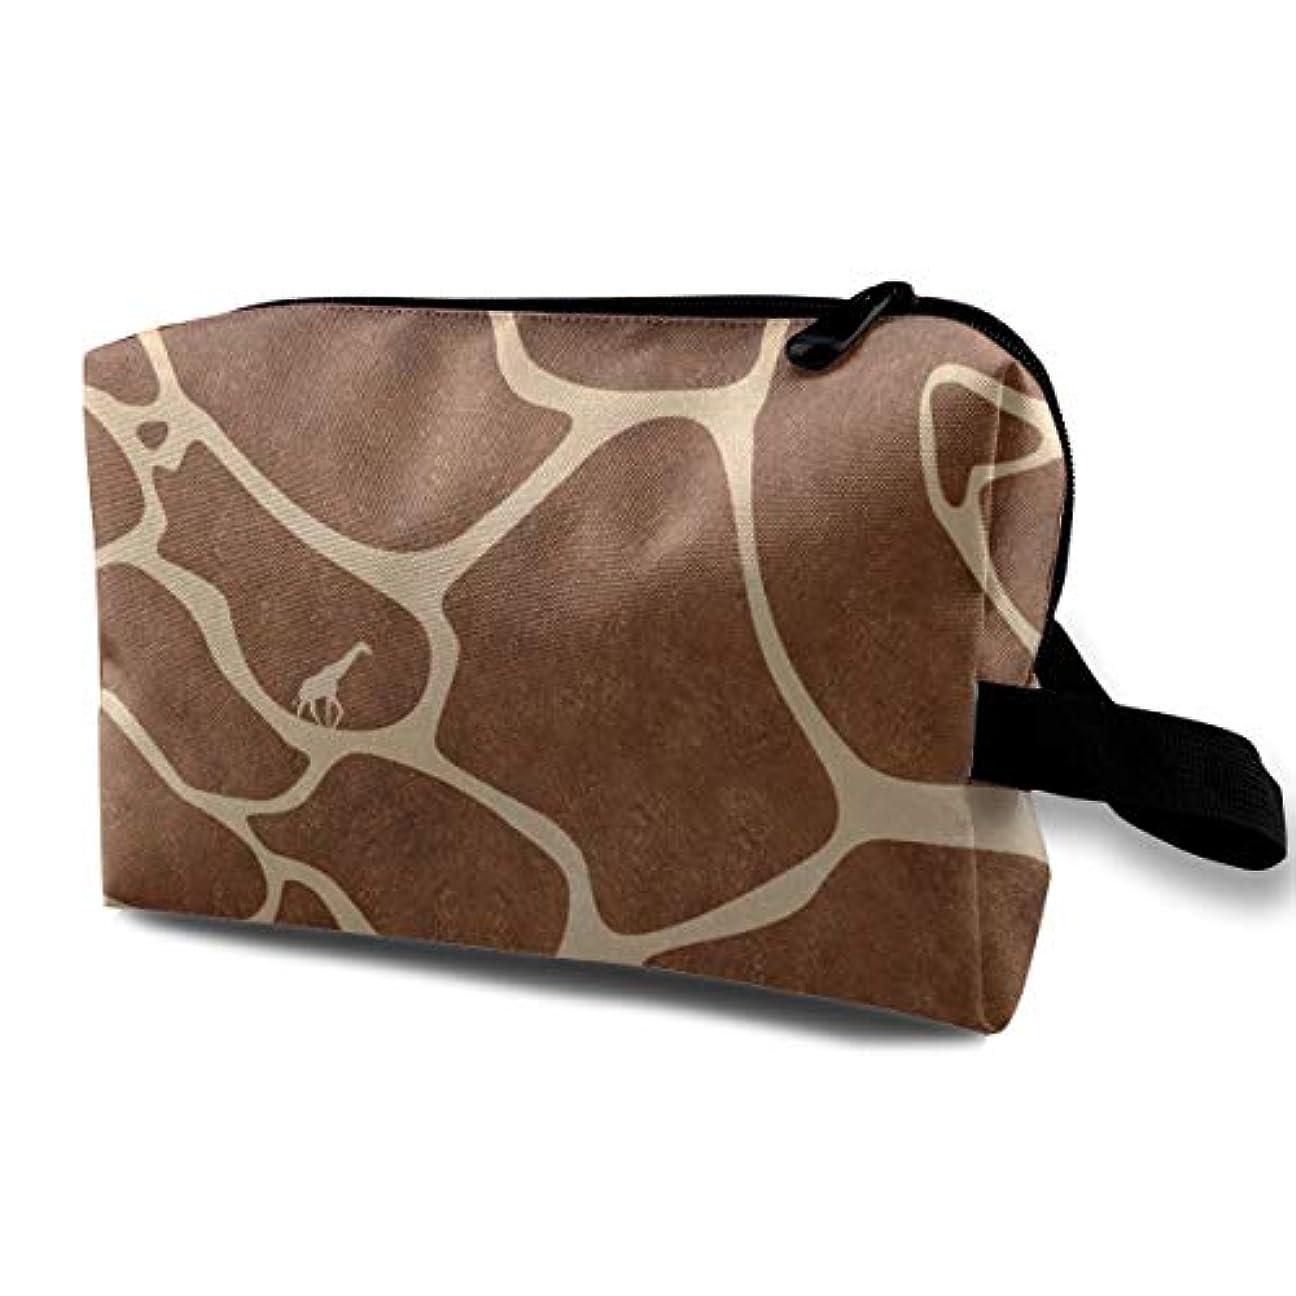 息苦しいジャーナリスト性別Giraffe Skin Vector 収納ポーチ 化粧ポーチ 大容量 軽量 耐久性 ハンドル付持ち運び便利。入れ 自宅?出張?旅行?アウトドア撮影などに対応。メンズ レディース トラベルグッズ